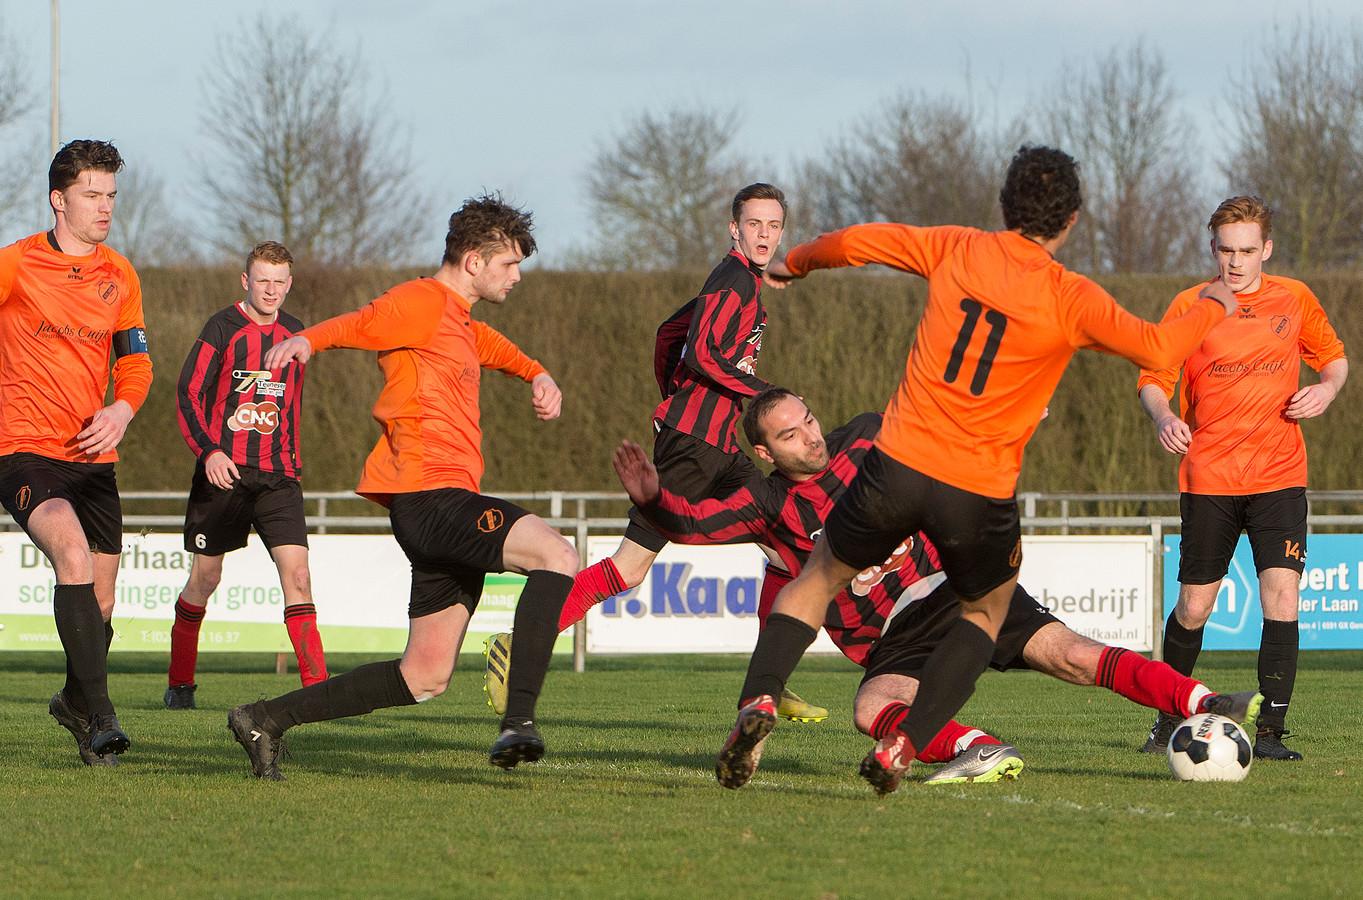 SIOL (oranje shirts) in actie tegen Milsbeek .